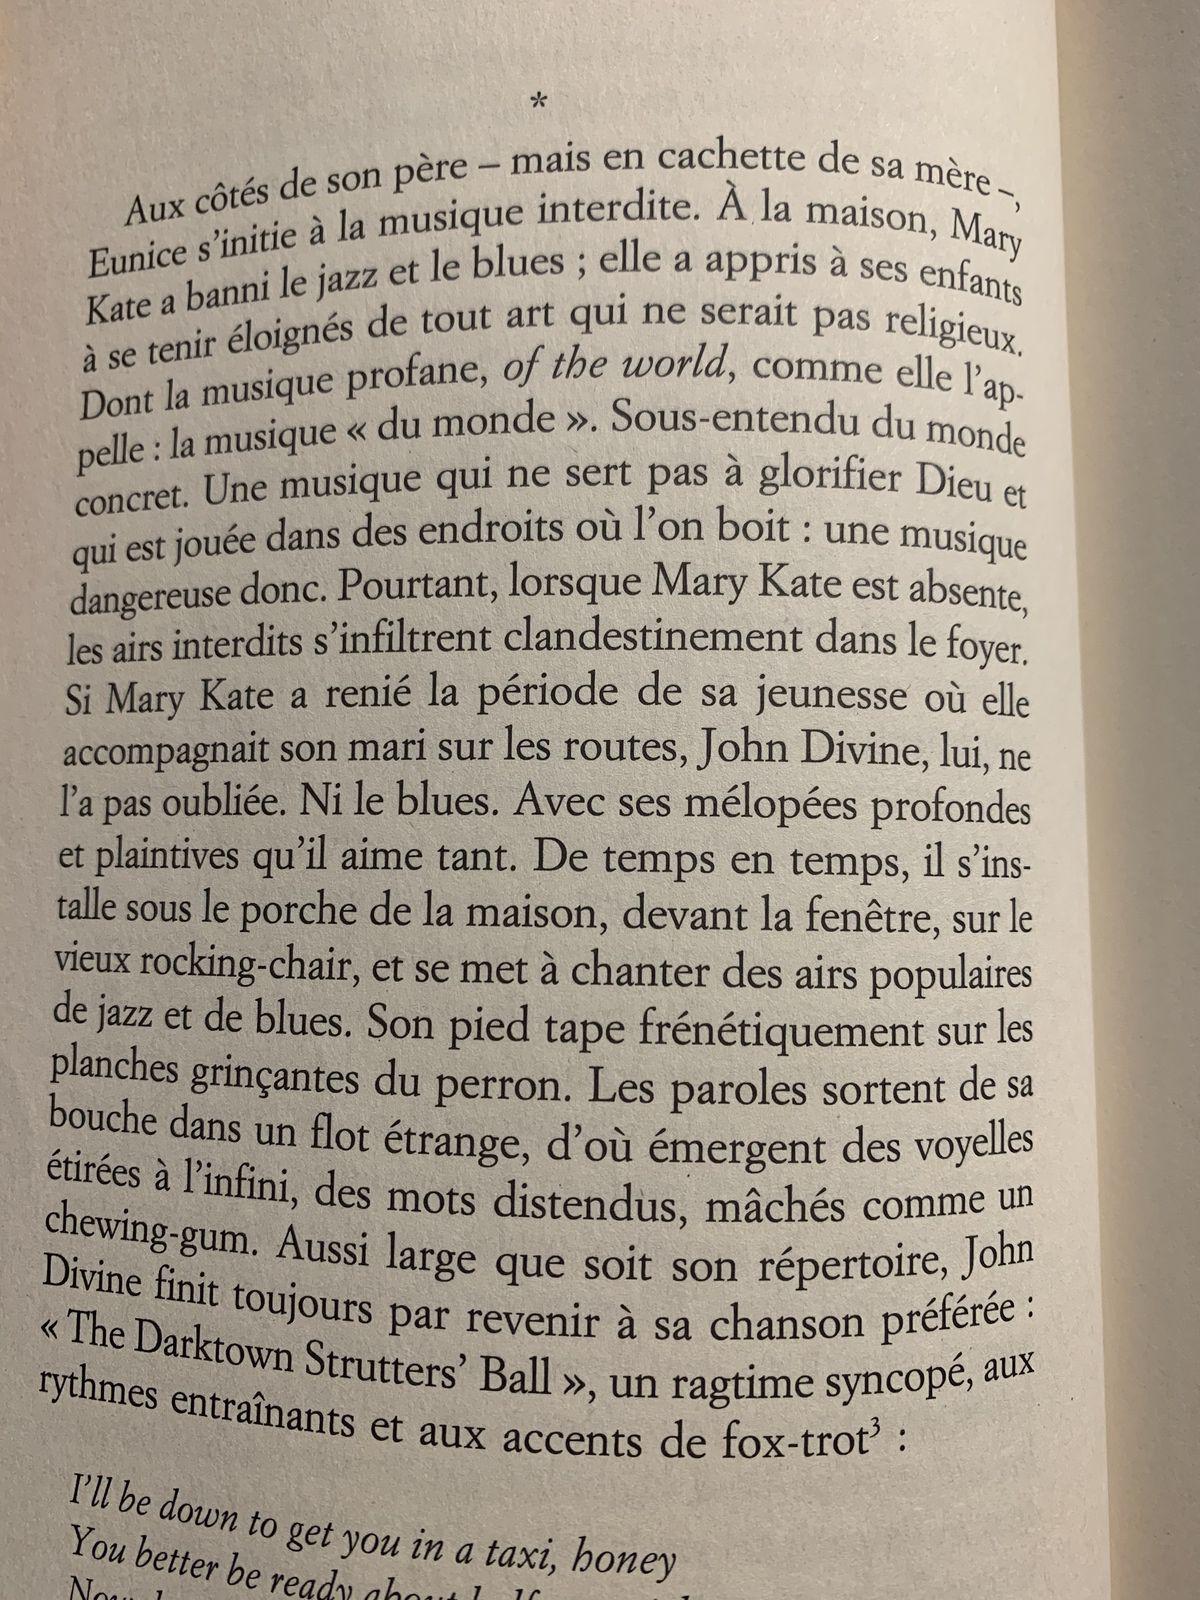 J'ai lu quelques minutes ce livre de Nina Simone. Je serais curieuse de le terminer vendredi prochain. Les bibliothèques c'est comme une comme une grande librairie gratuite, j'en suis reconnaissante. Cela n'est pas donné à tout le monde.